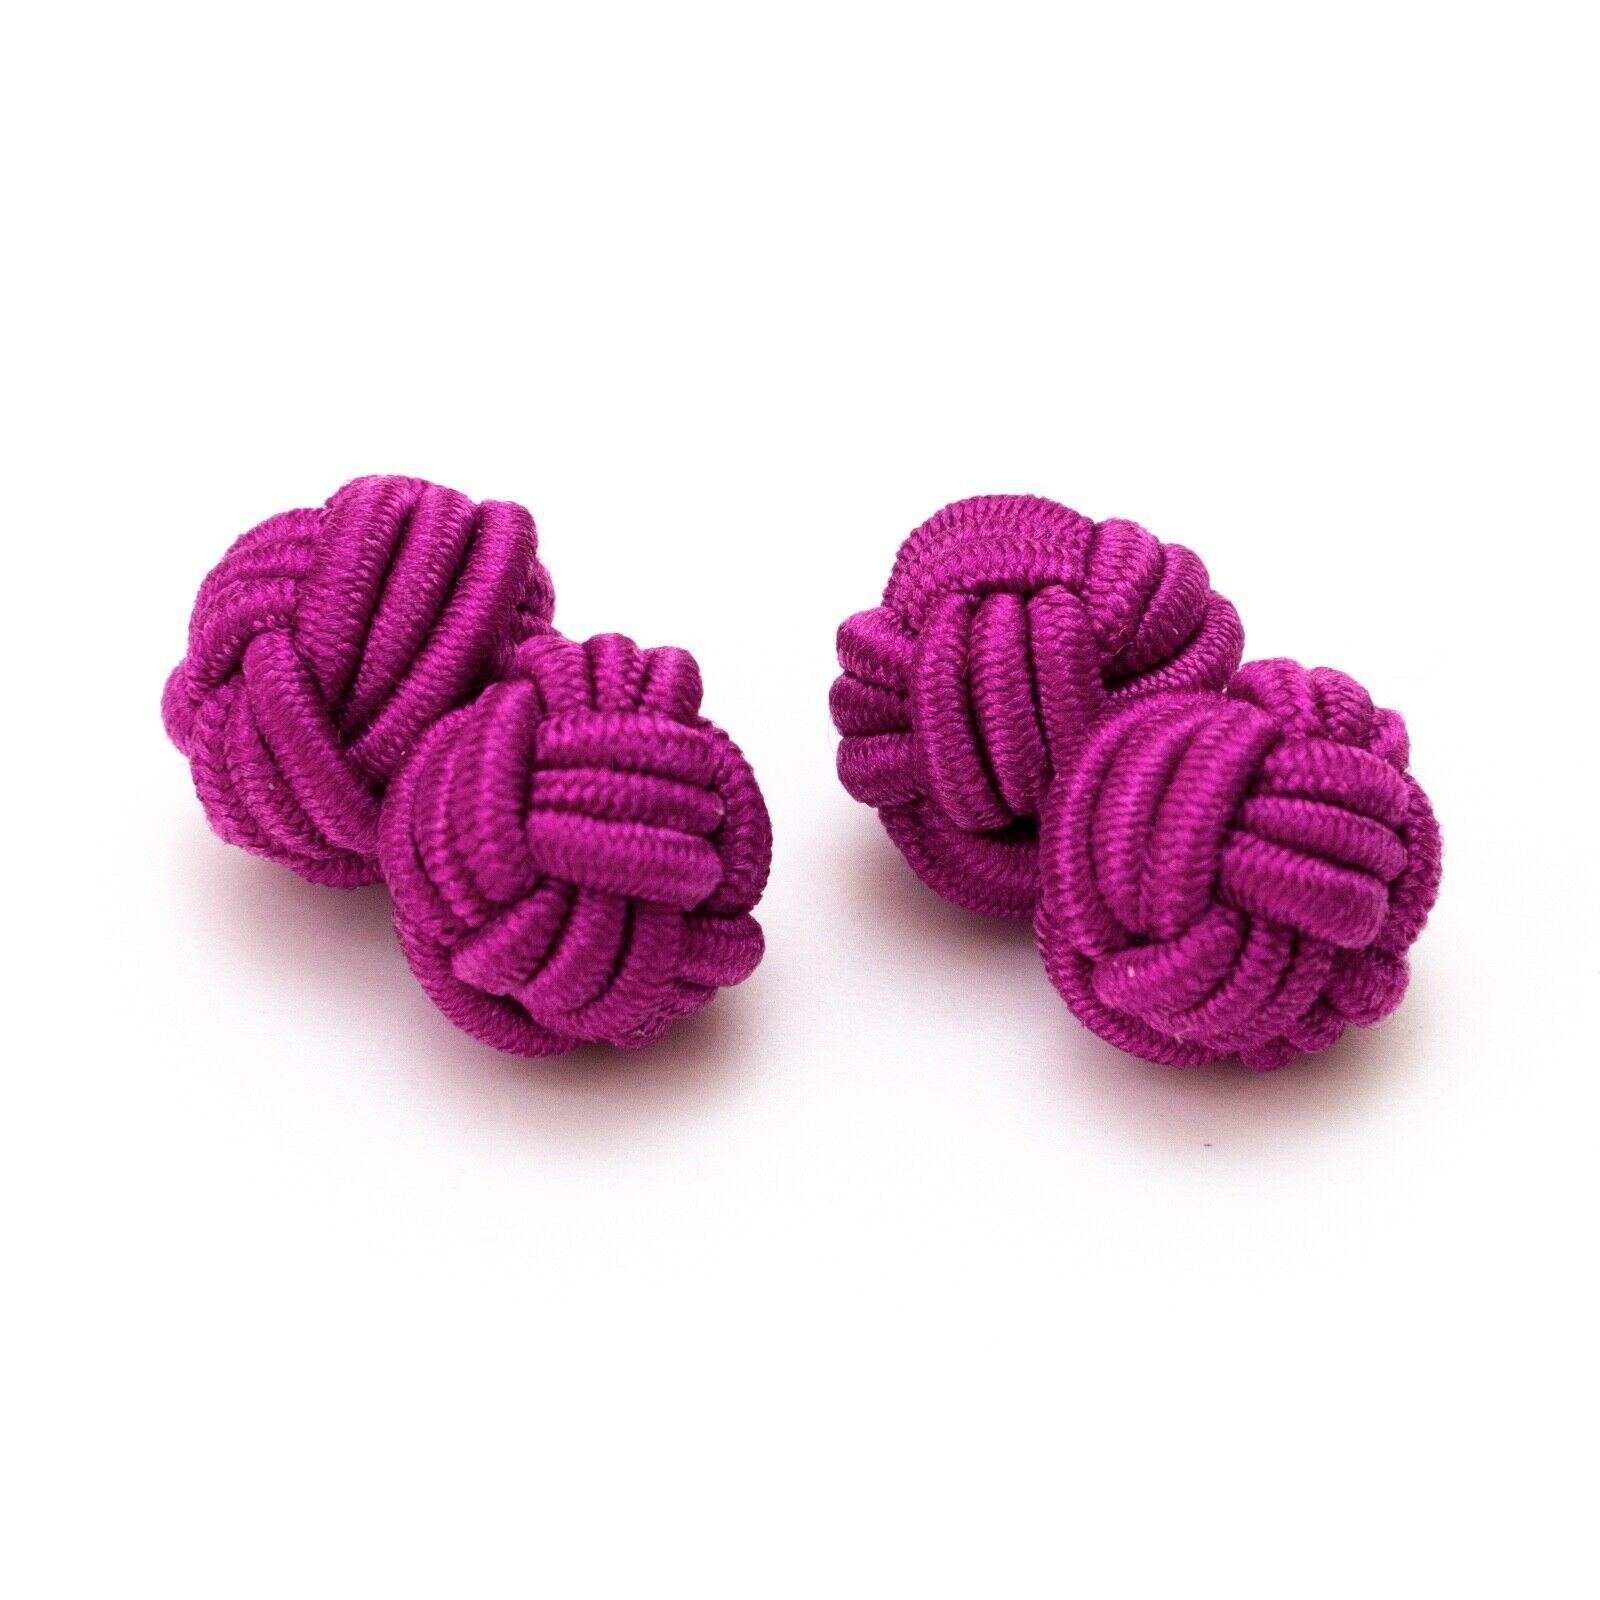 1 Paar Seidenknoten Manschettenknöpfe Knötchen dunkles pink, pink Gentleman Stil